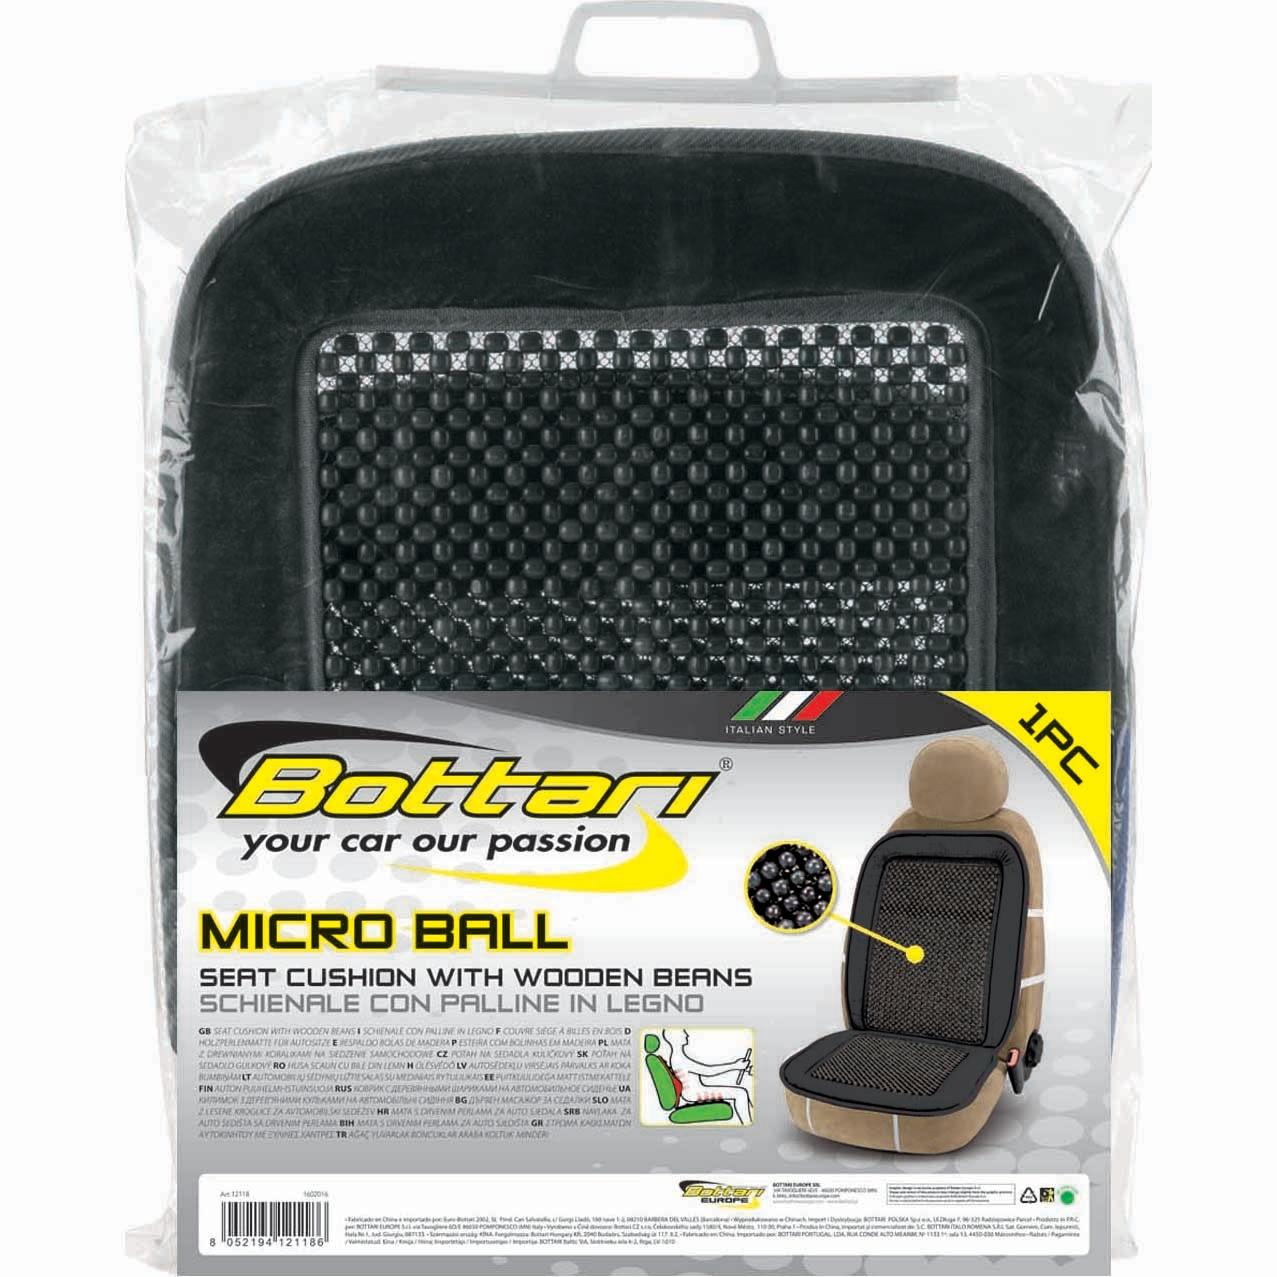 Fotografie Husa auto Bottari Micro Ball cu micro bile din lemn, negru